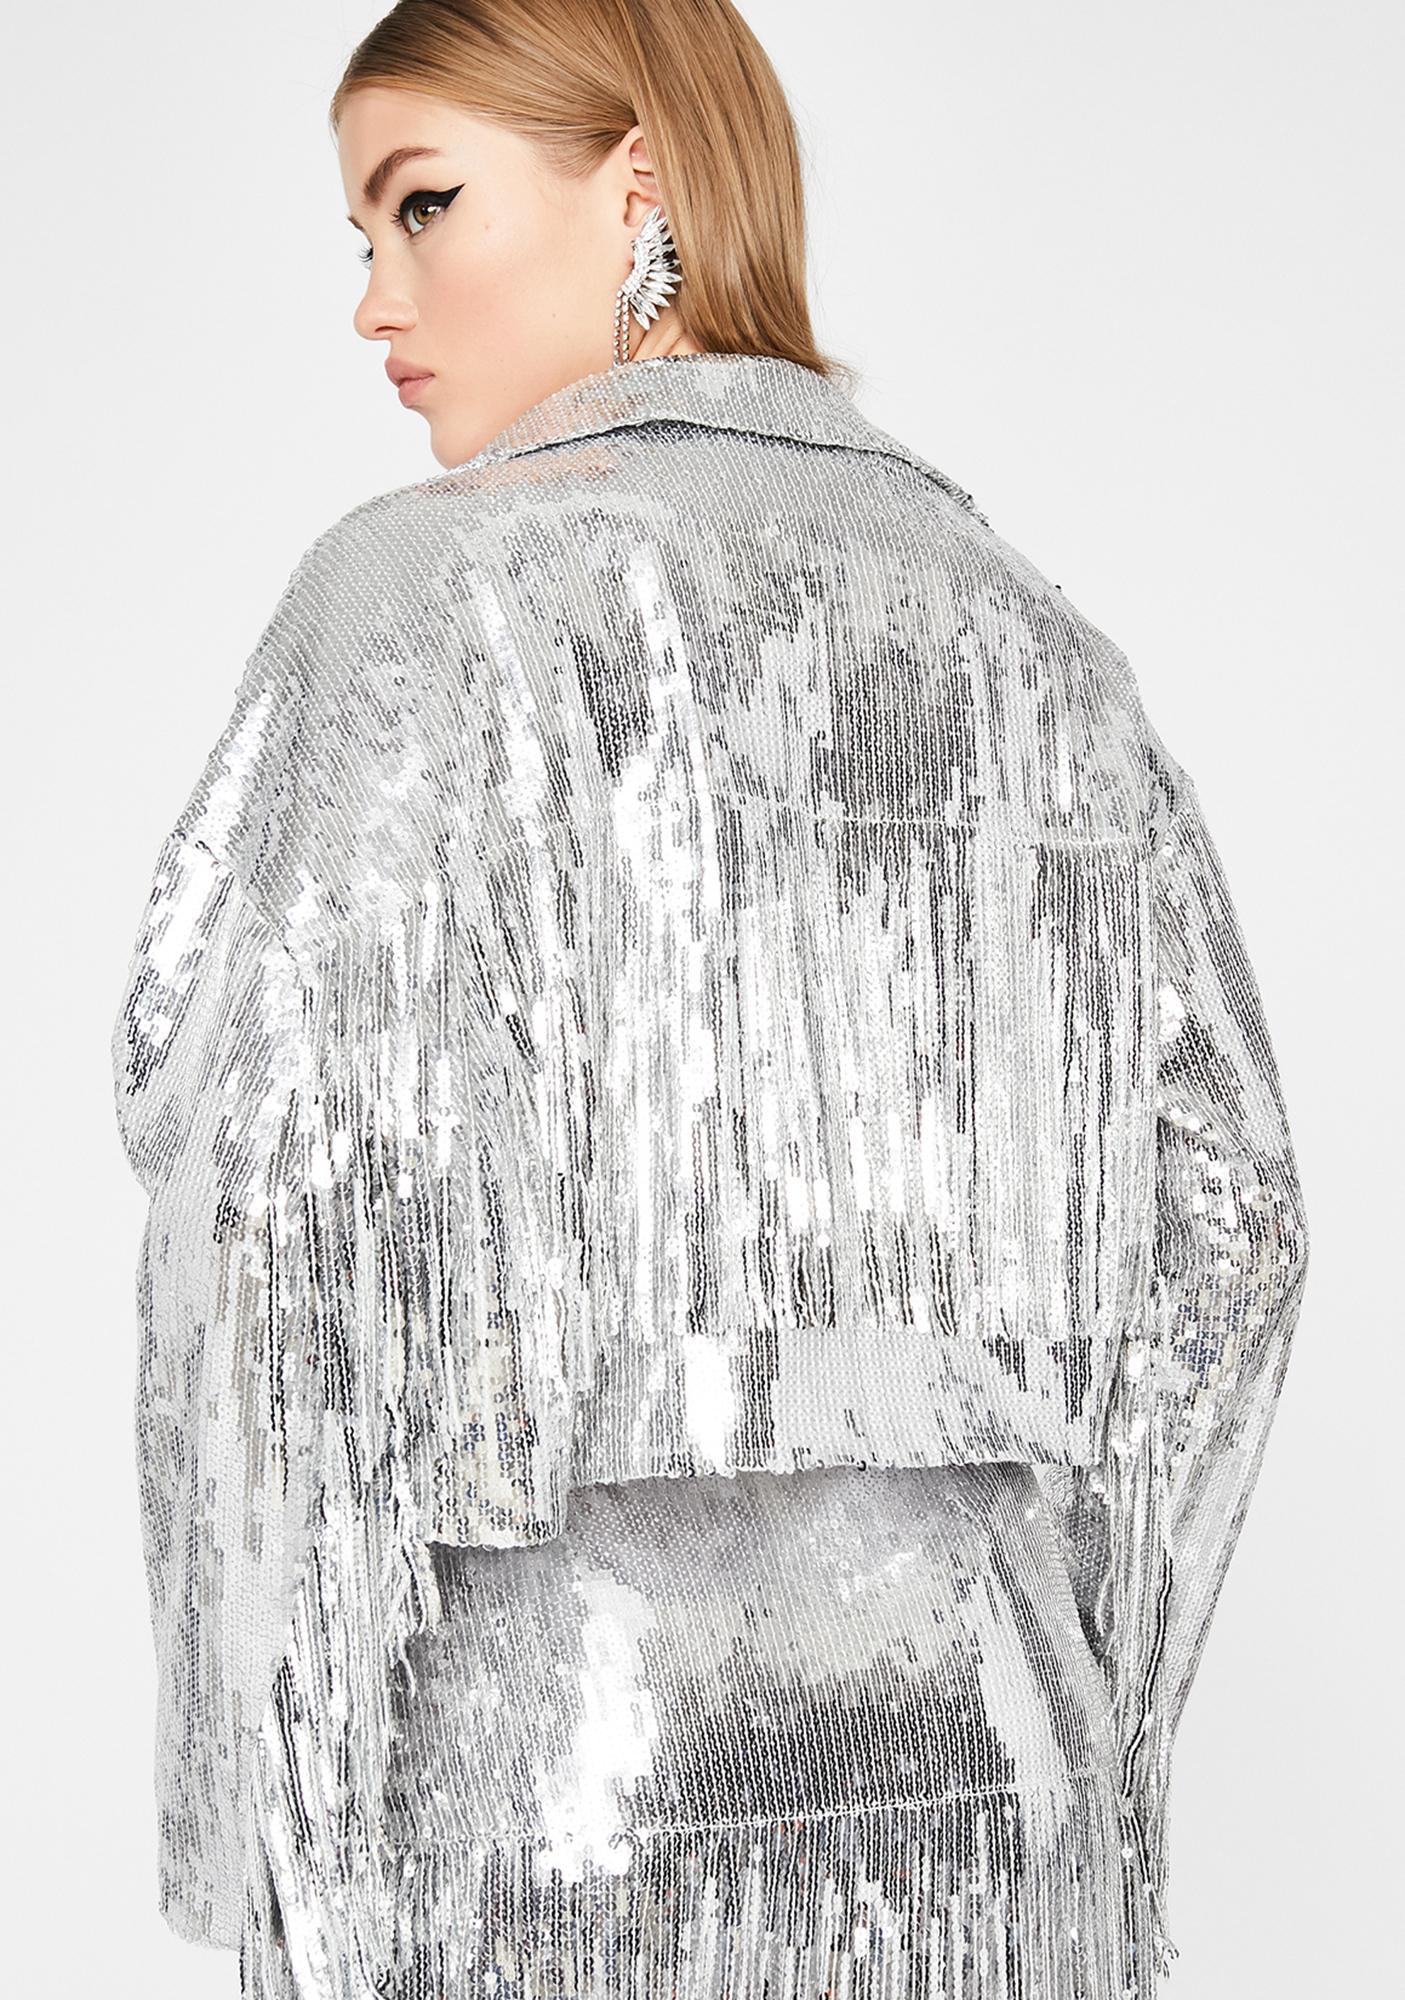 Blindin' Baddie Sequin Jacket